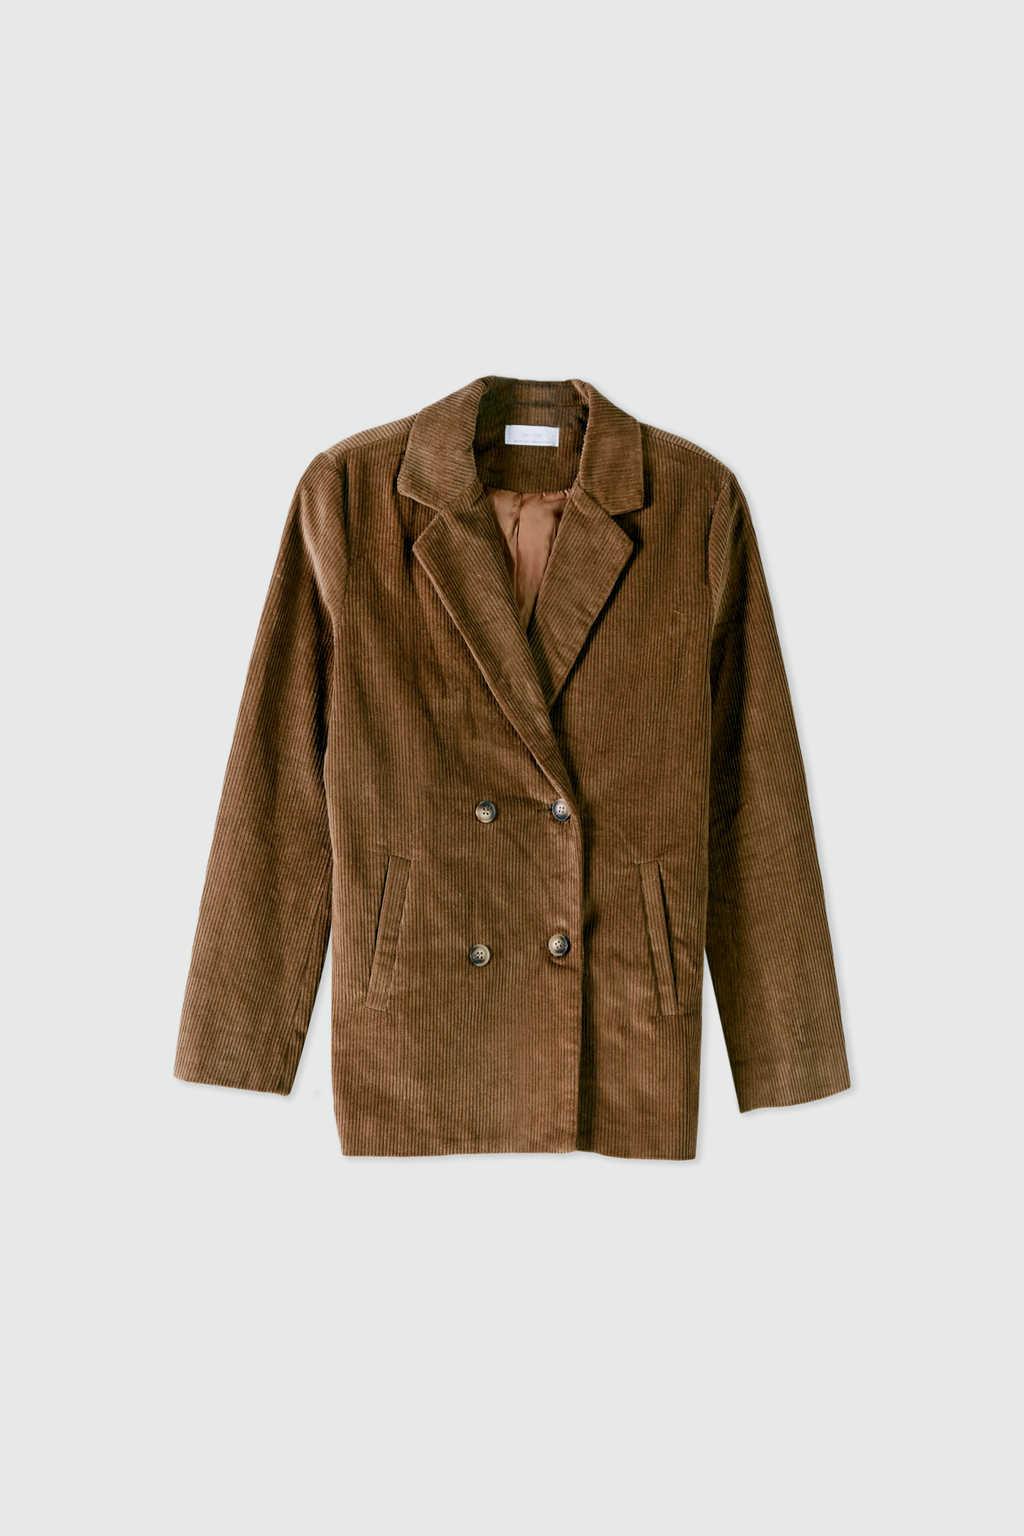 Jacket J005 Brown 5